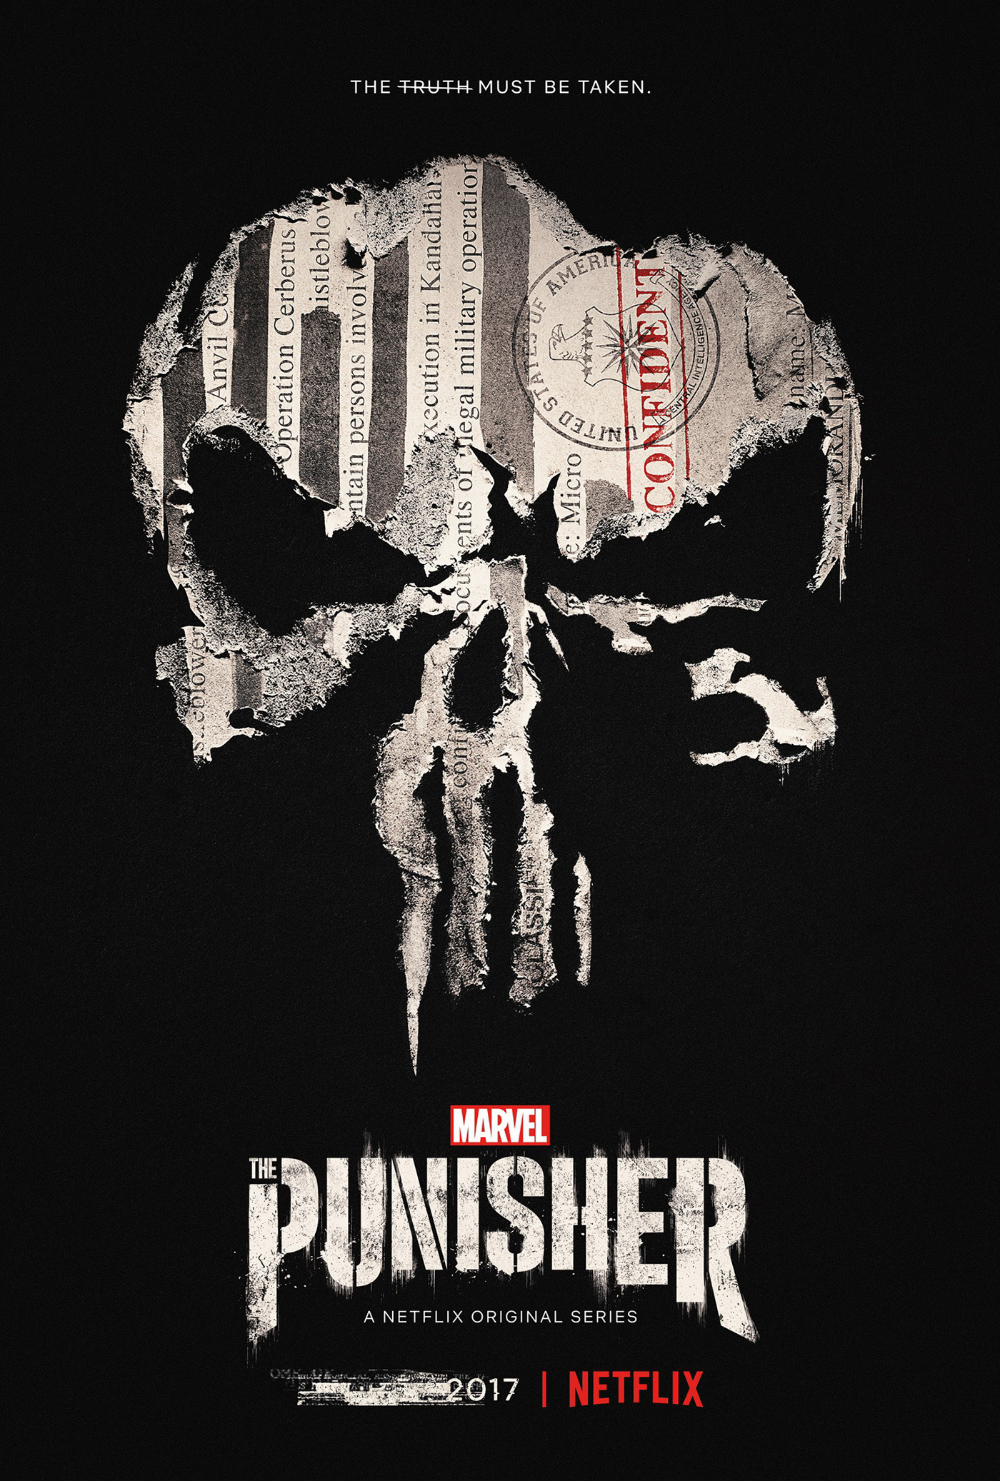 The Punisher On Behance Punisher Punisher Artwork The Punisher Movie